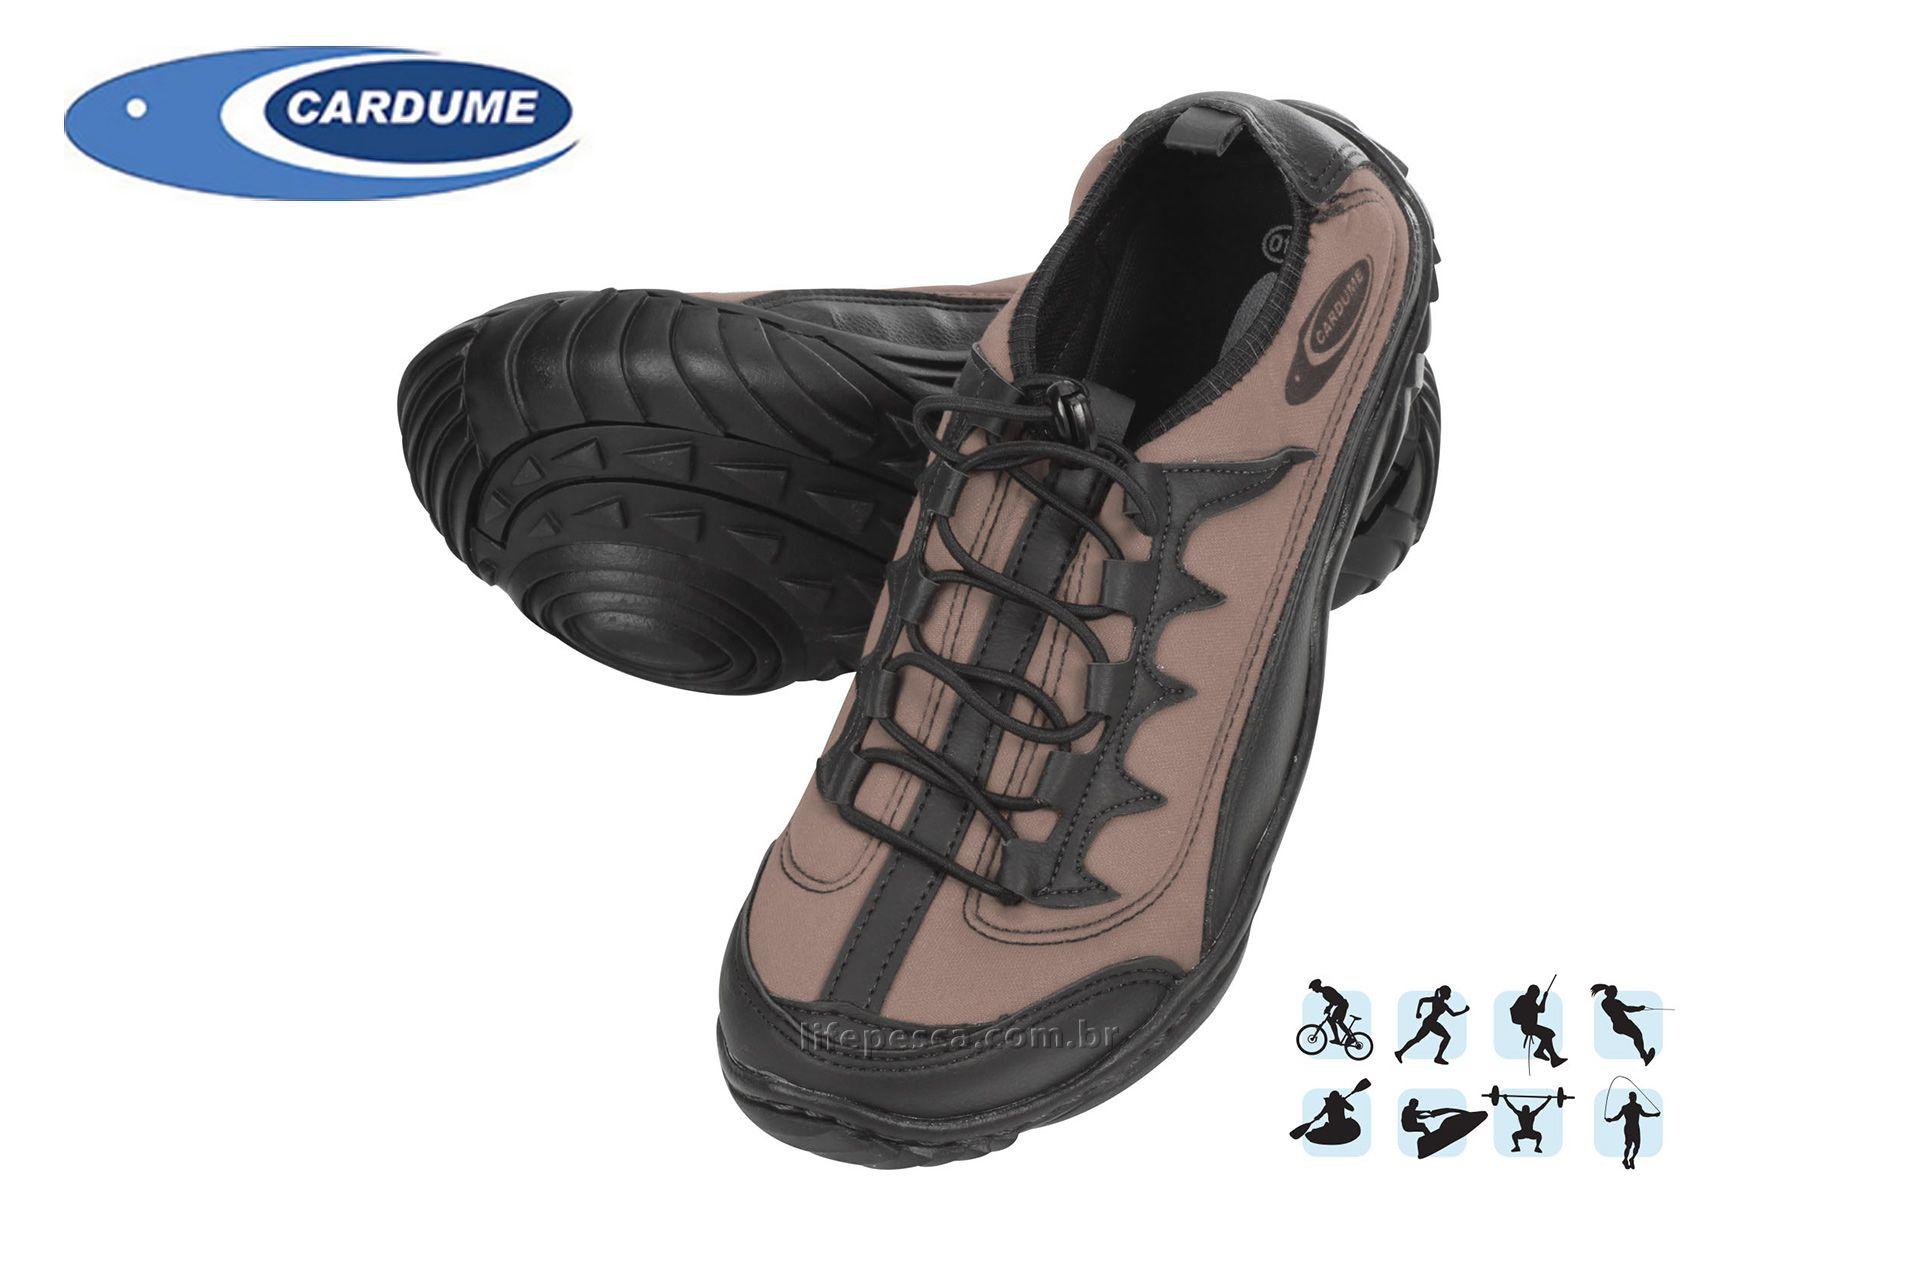 Tênis Anfibius - Cardume Adventure  - Life Pesca - Sua loja de Pesca, Camping e Lazer